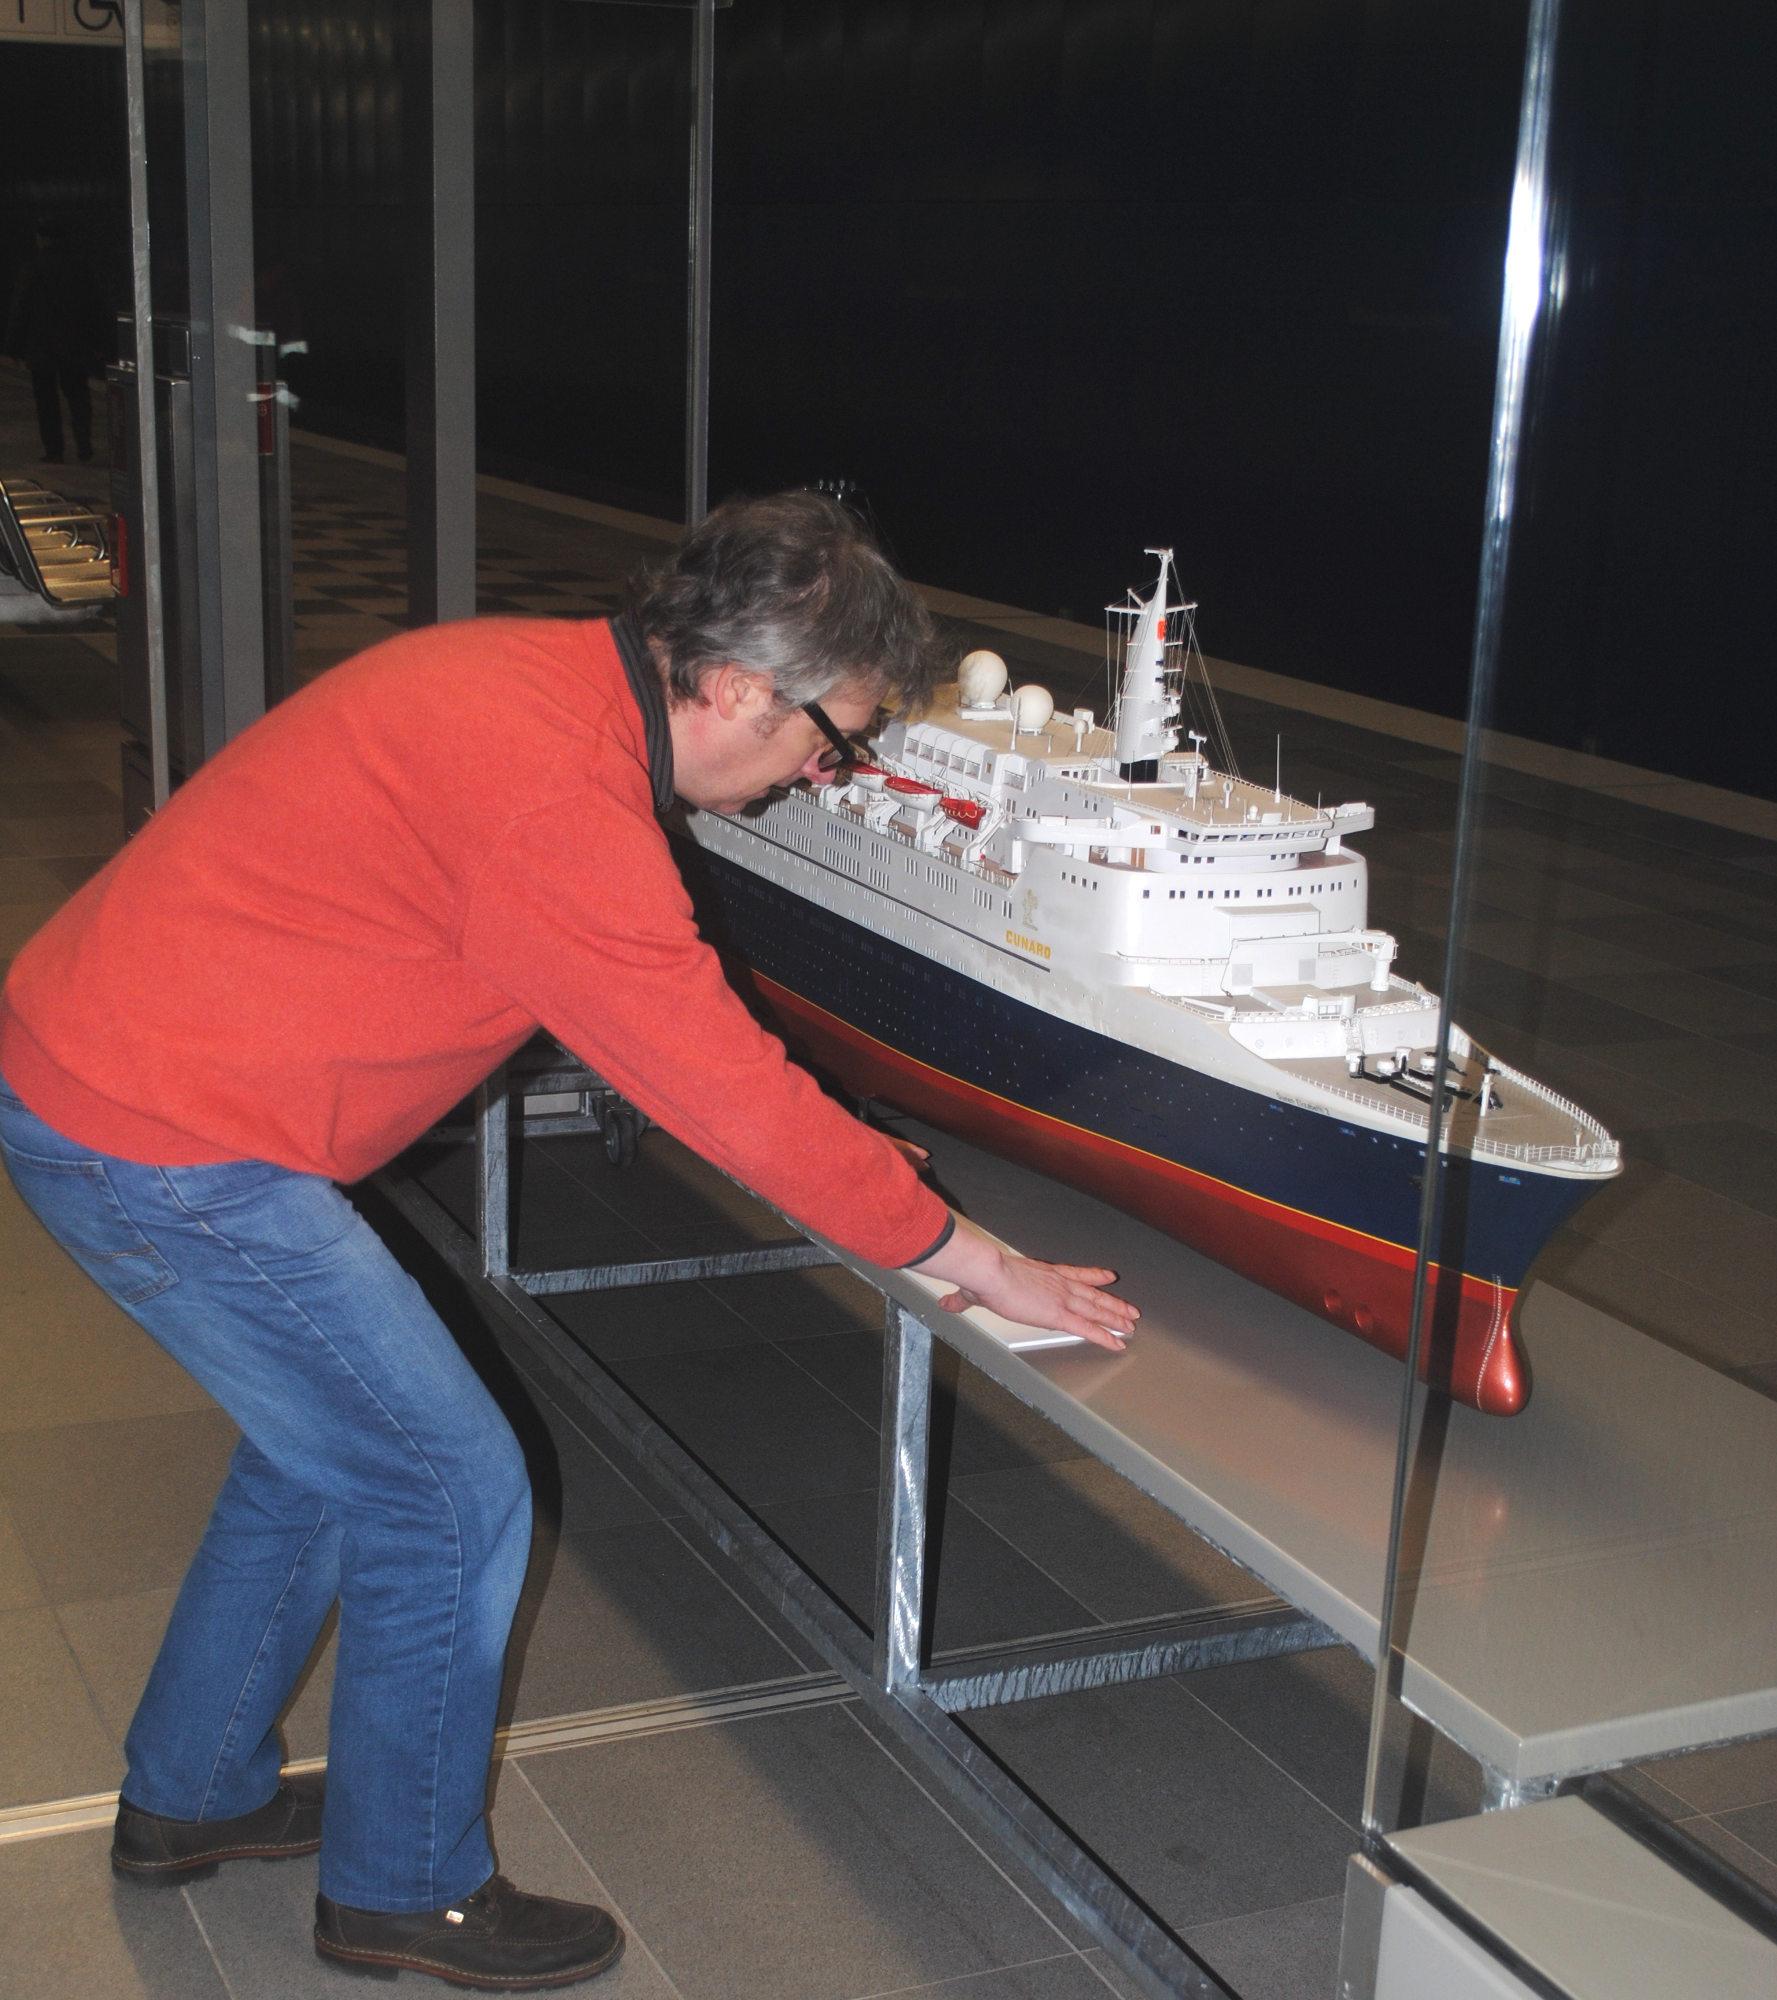 Modell Haltestelle Überseequartier - Foto P.v. Klösterlein